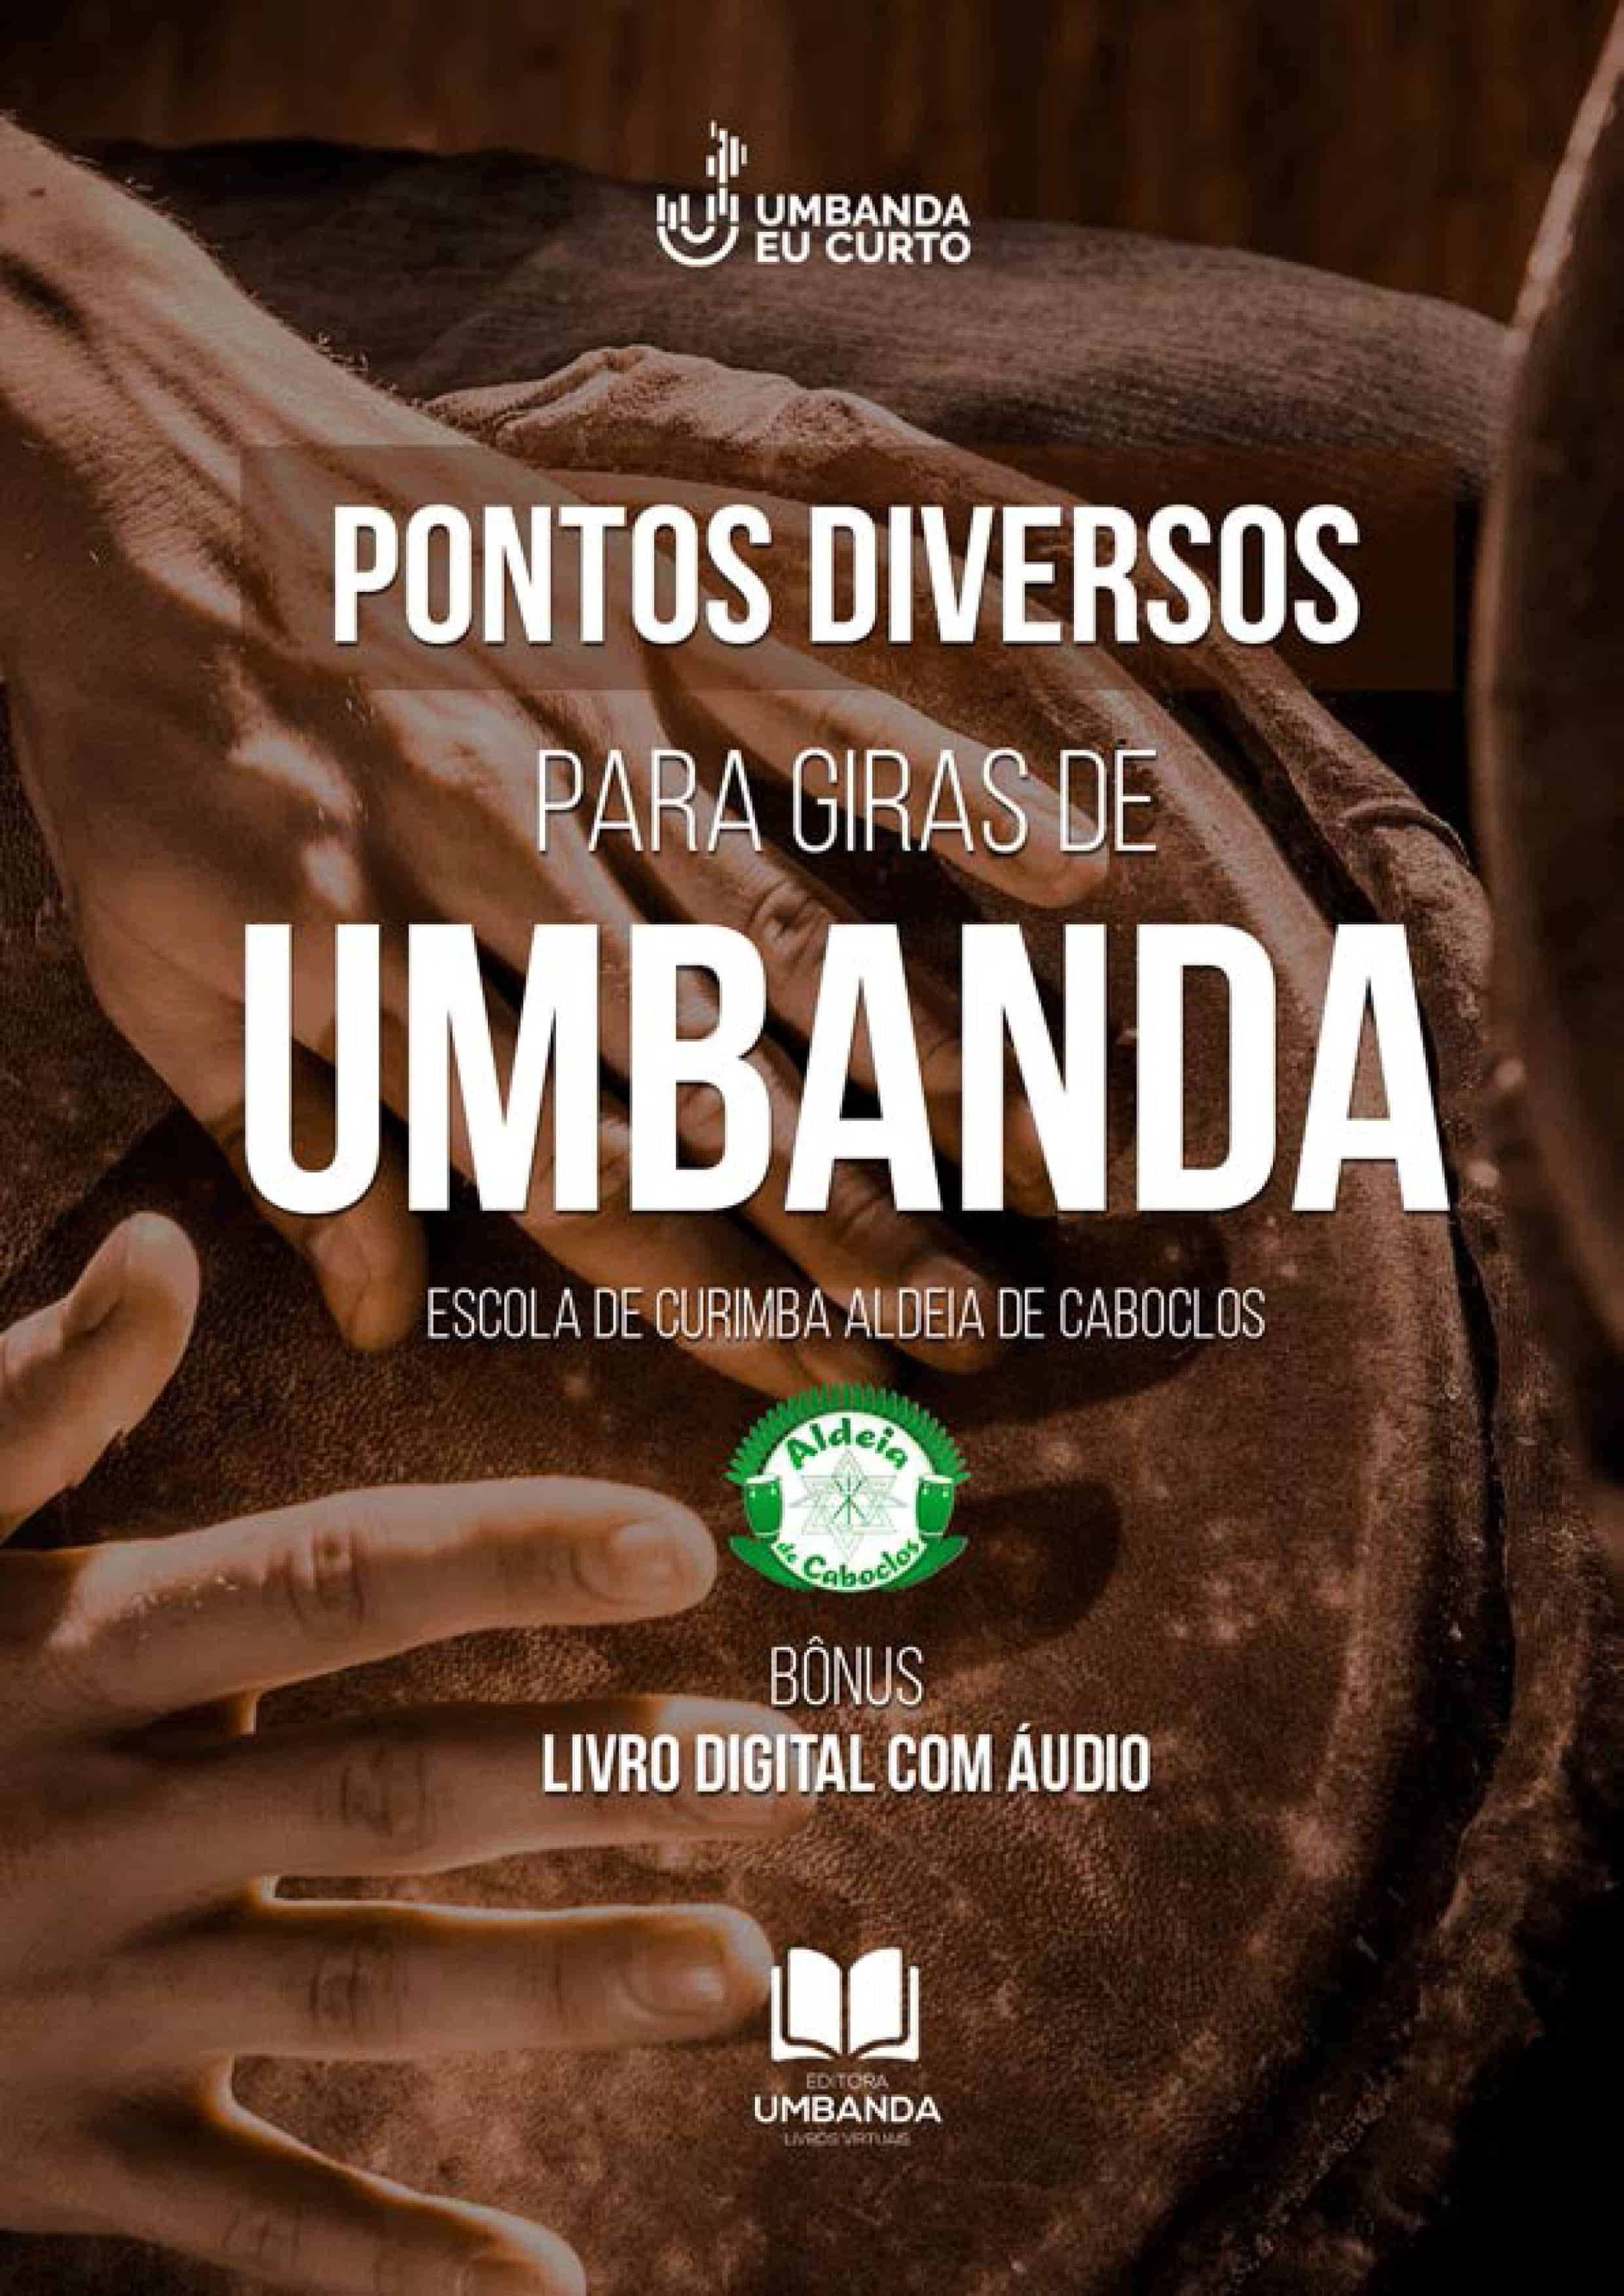 E-books Umbanda Eu Curto: conhecimento e ação social